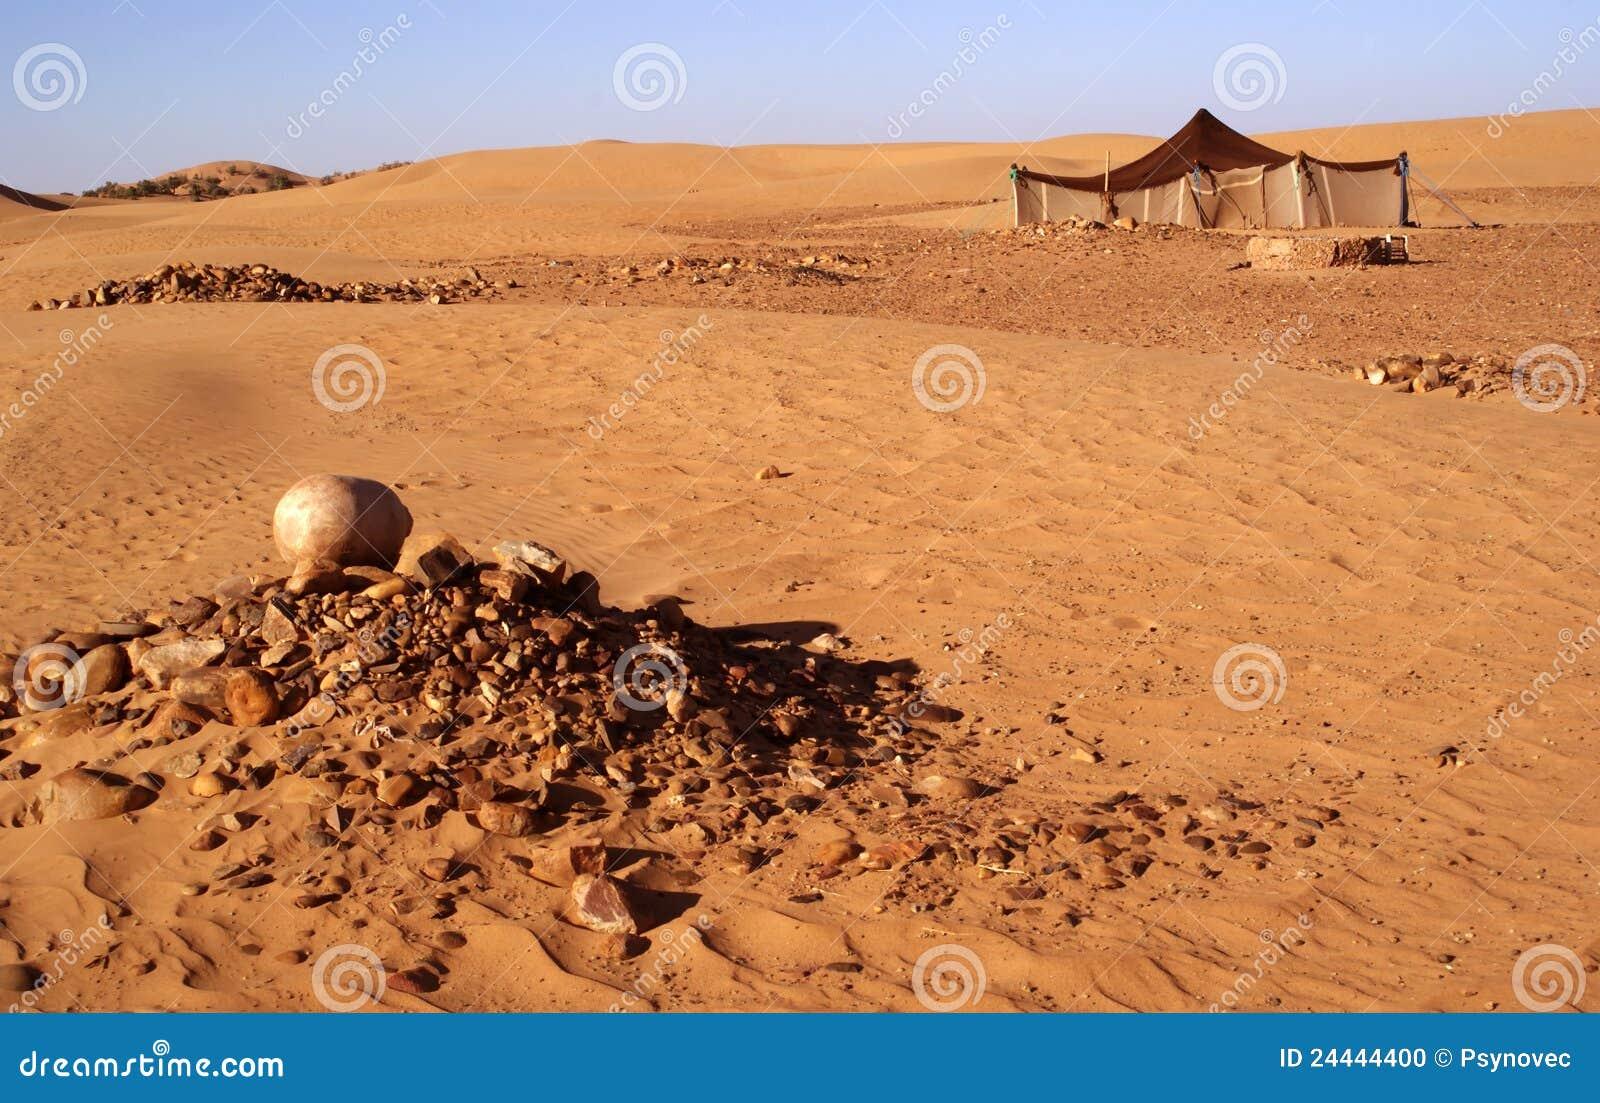 De tent van Berber